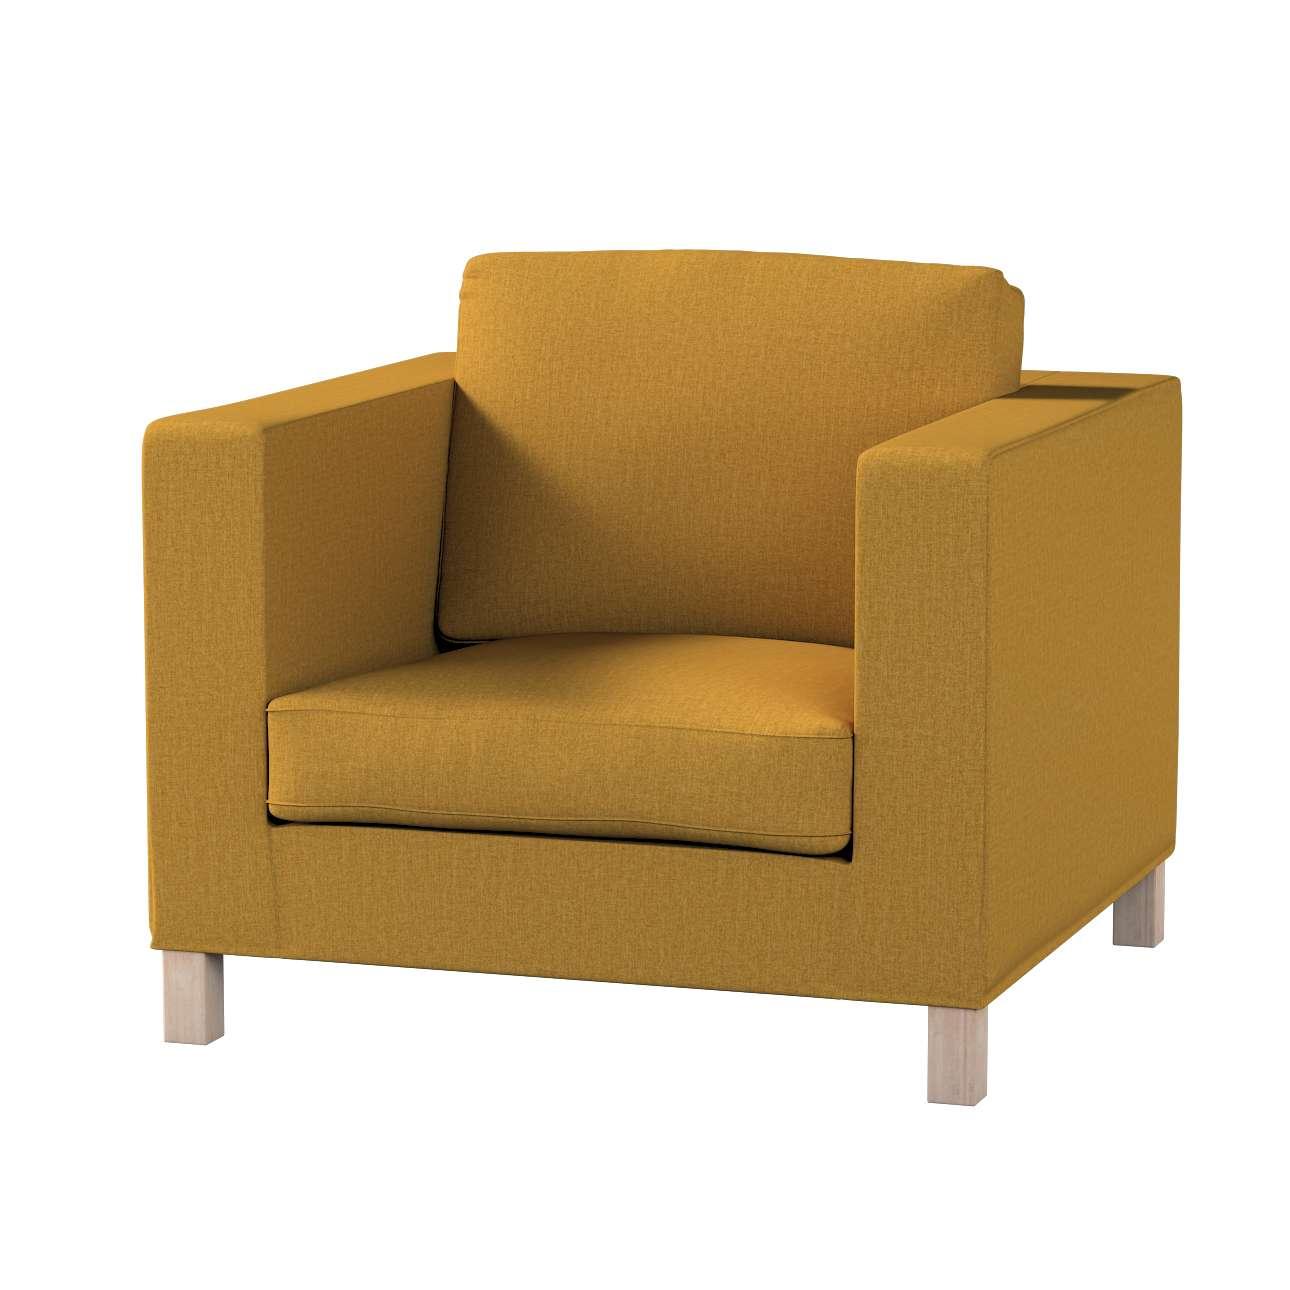 Pokrowiec na fotel Karlanda, krótki w kolekcji City, tkanina: 704-82